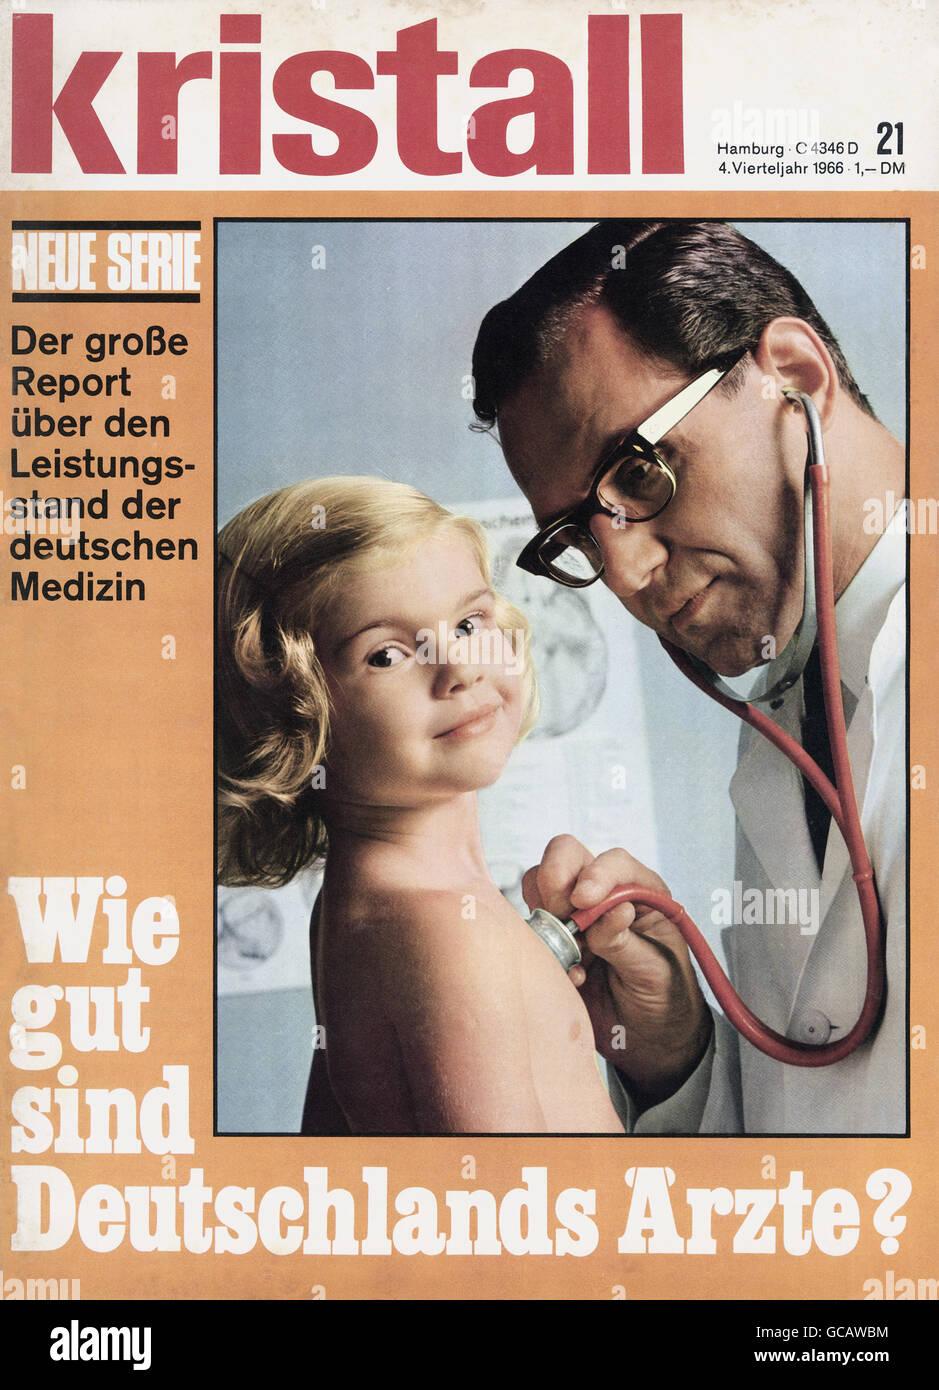 Deutsche Mature bei den Ärzten